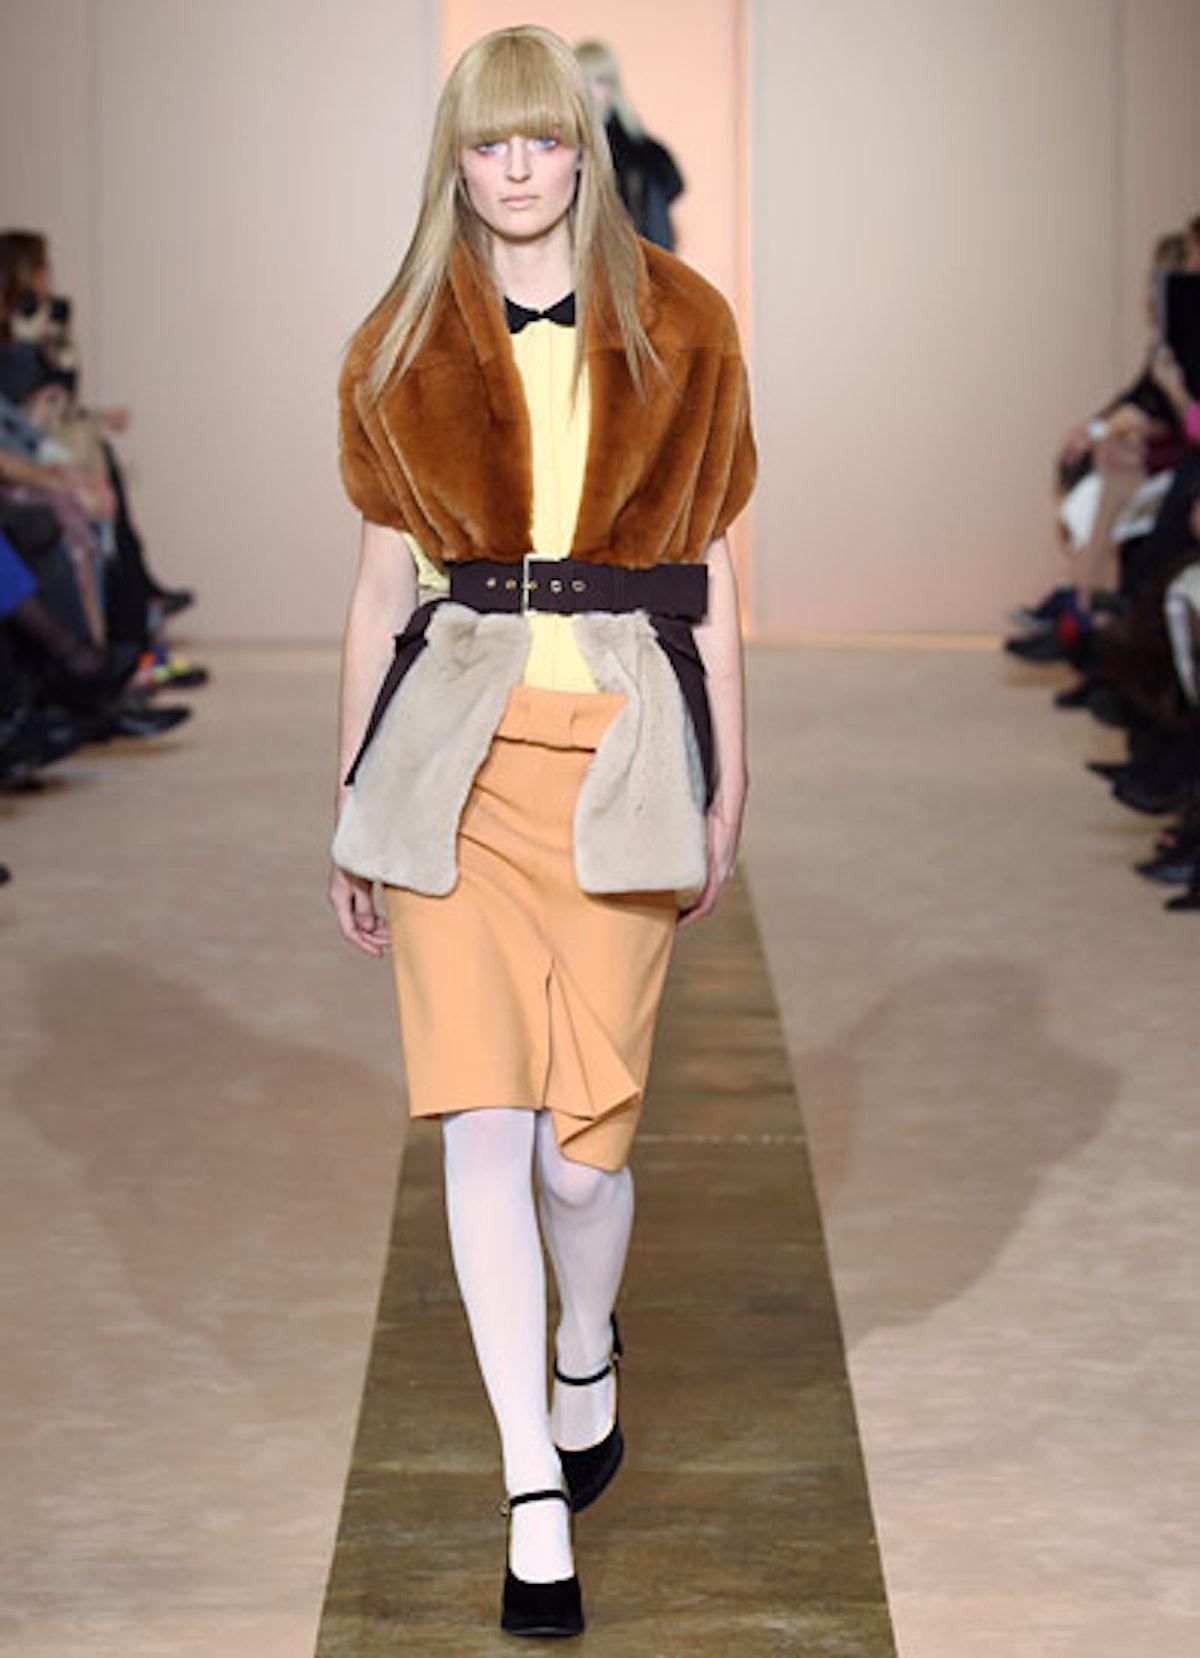 fass-fall-2012-fashion-roundup-21-v.jpg